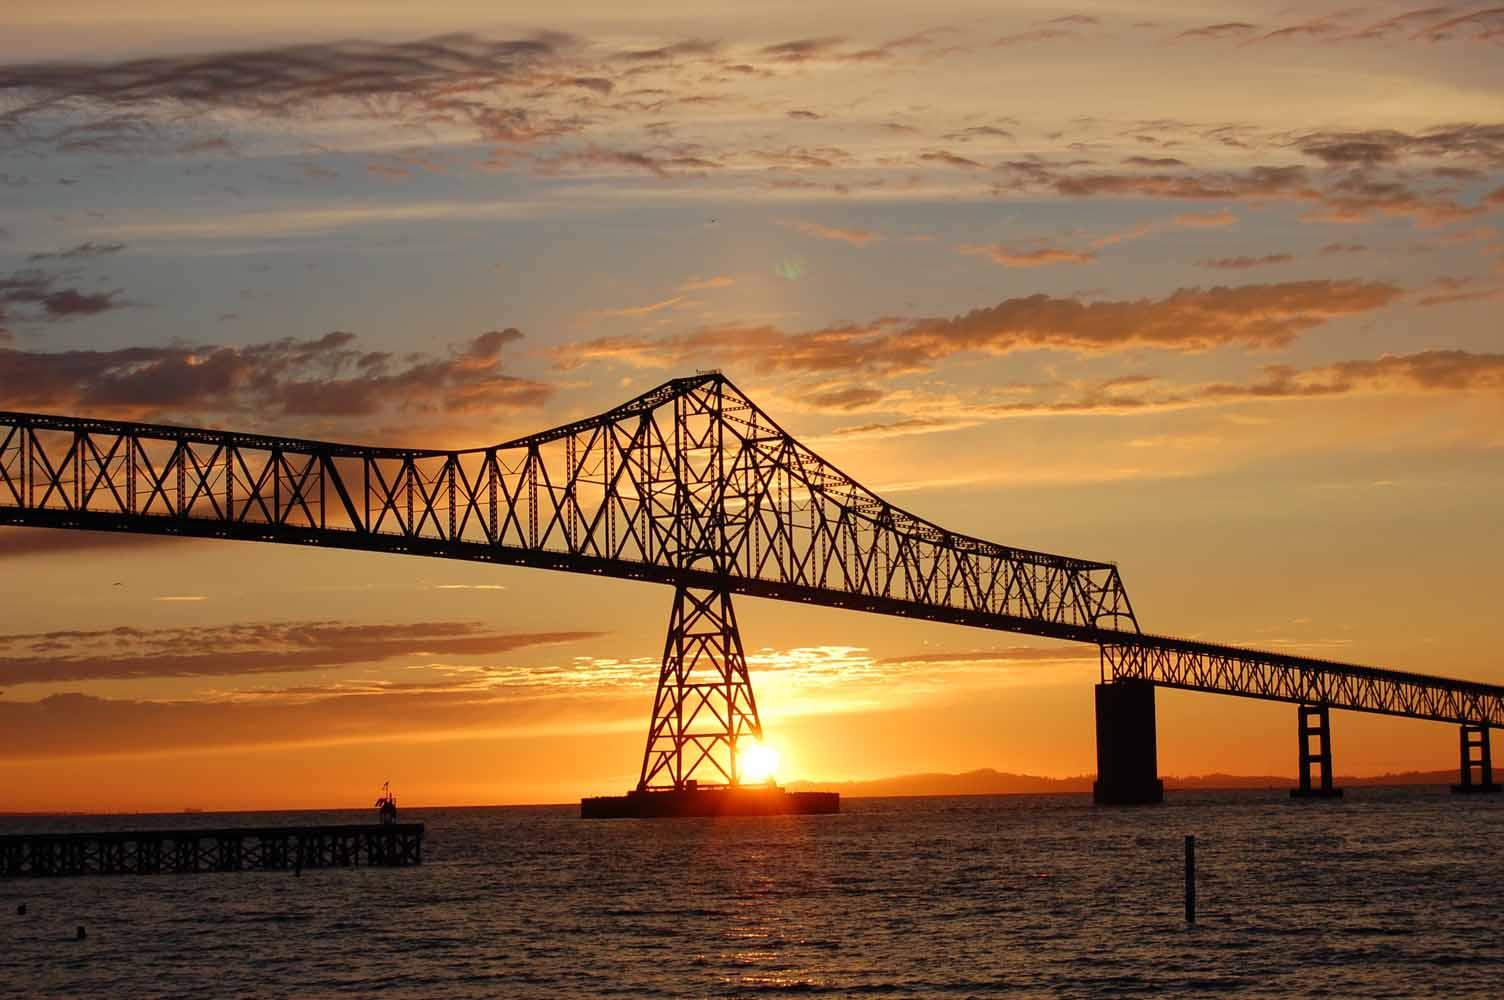 Clatsop County Astoria-Megler Bridge, Image Credit Tom Bennett